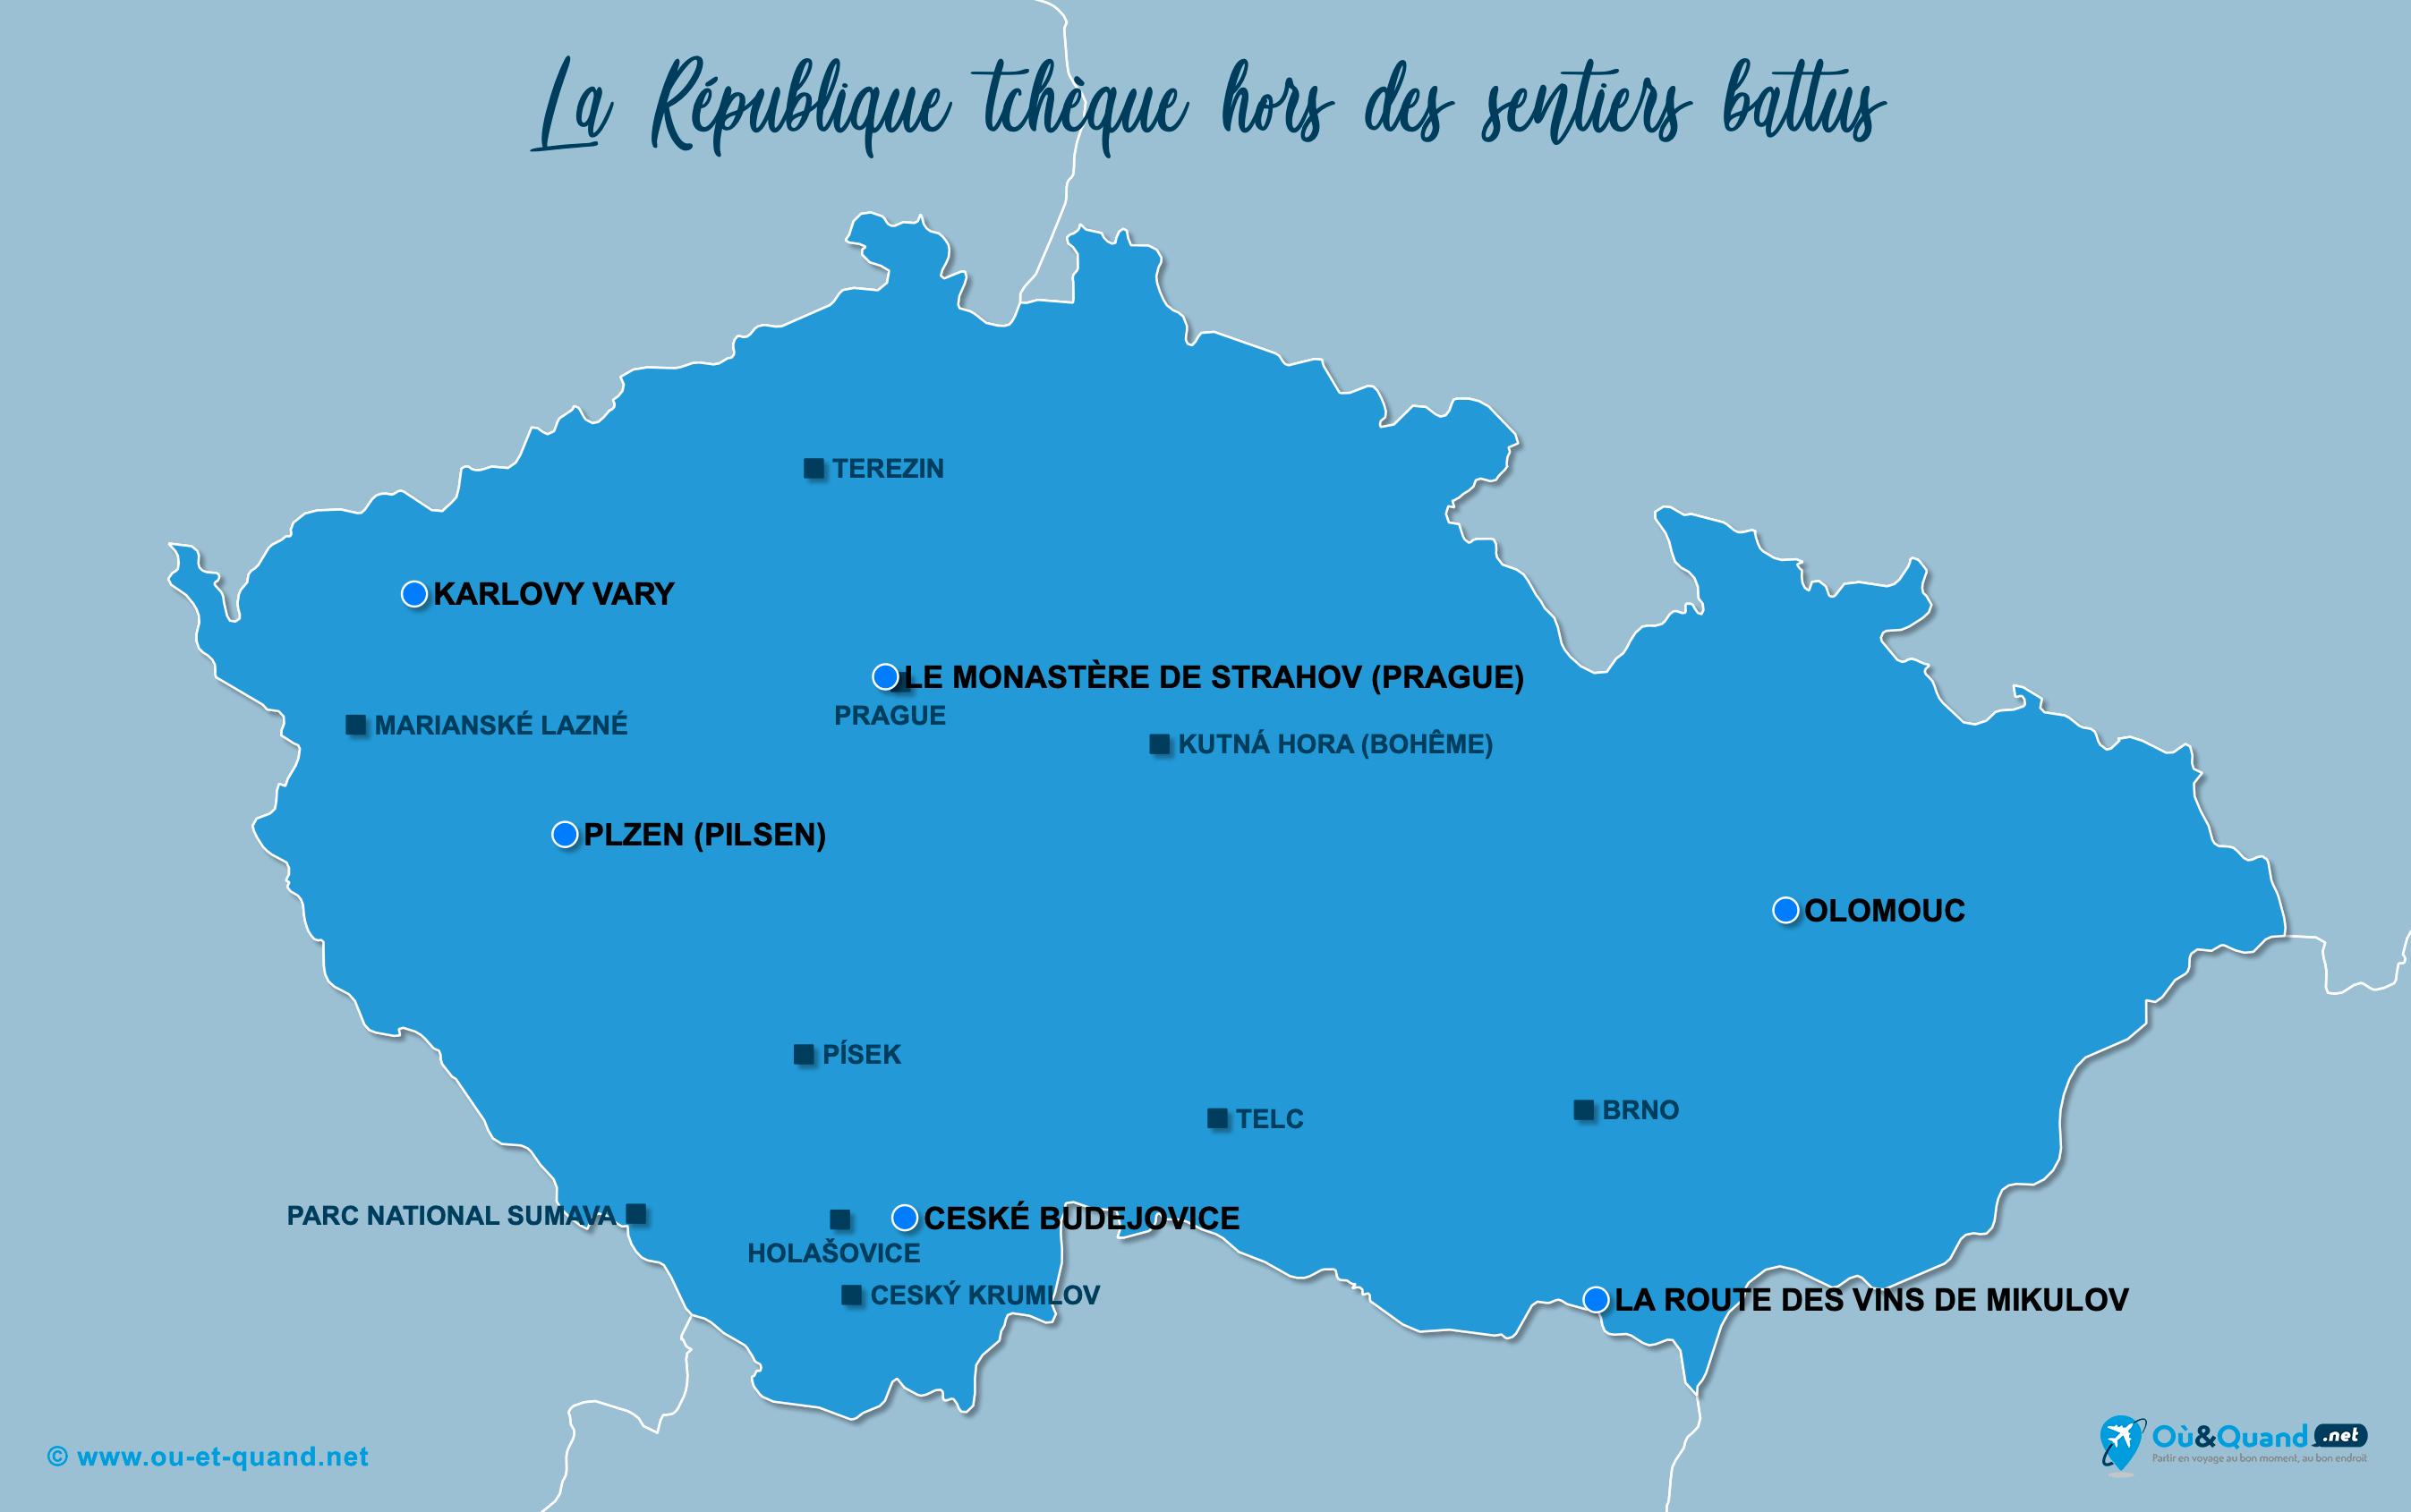 Carte République tchèque : La République tchèque hors des sentiers battus